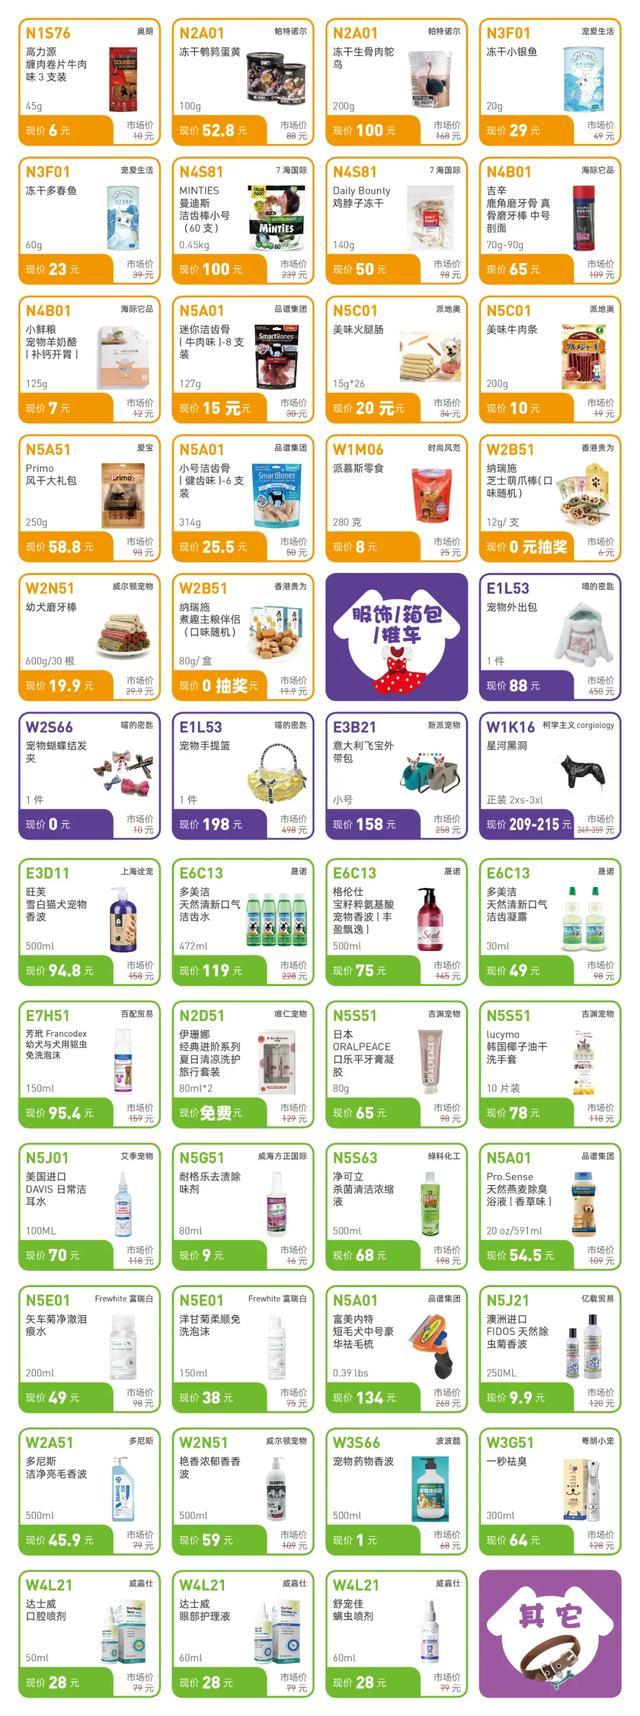 第23届亚洲宠物展正确打开方式:《扫货指南·汪版》薅羊毛攻略